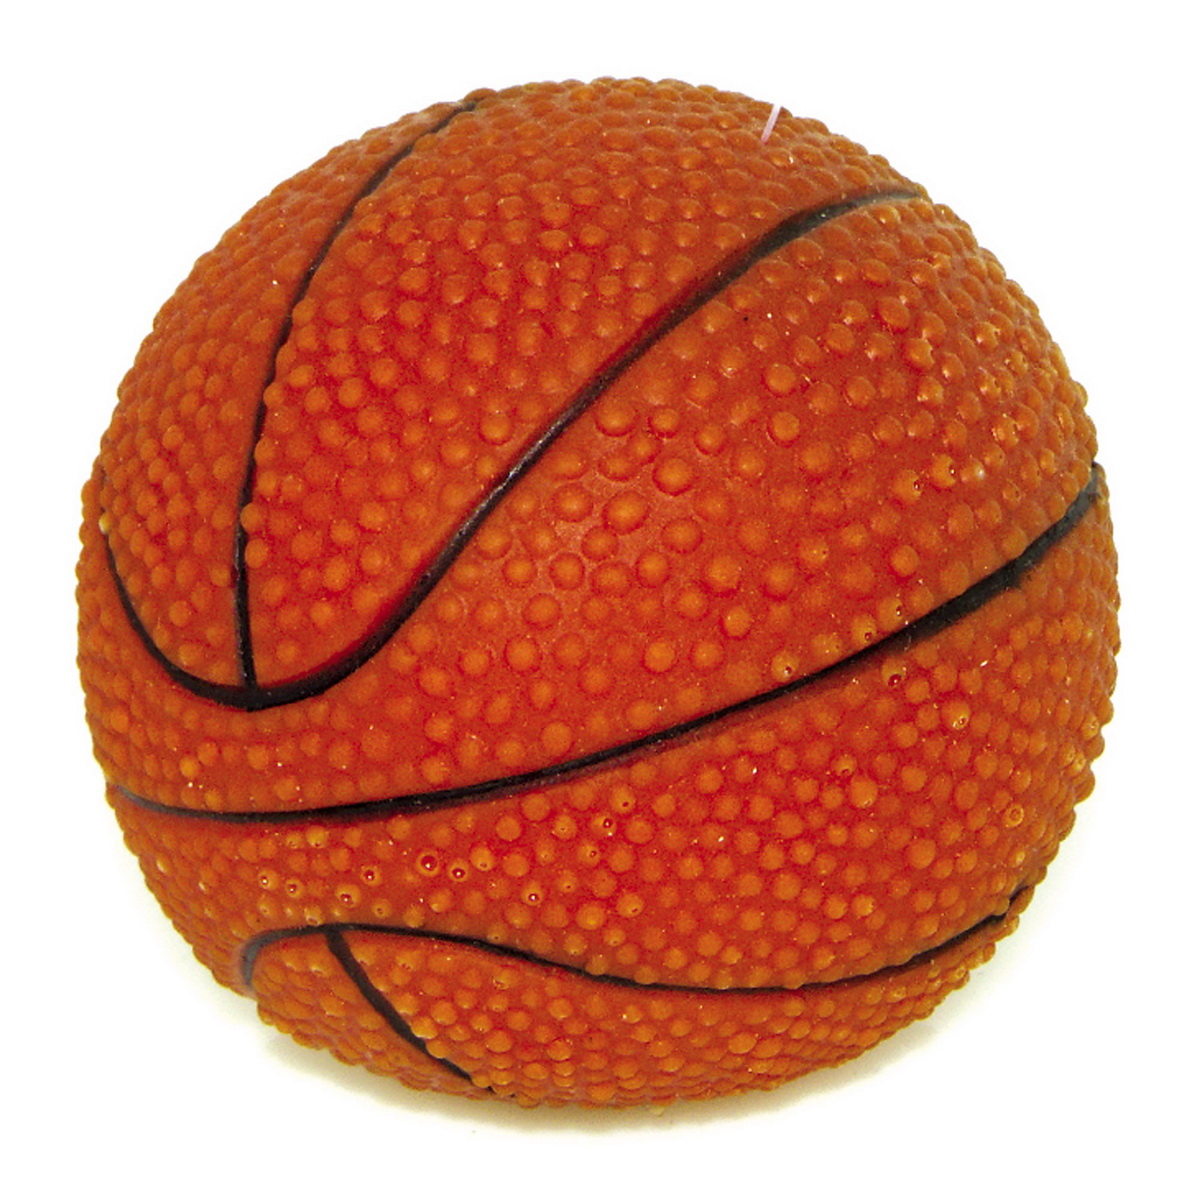 Игрушка для собак Dezzie Мяч. Баскетбол, диаметр 7,5 см5604069Игрушка для собак Dezzie Мяч. Баскетбол изготовлена из винила в виде баскетбольного мяча. Такая игрушка практична, функциональна и совершенно безопасна для здоровья животного. Ее легко мыть и дезинфицировать. Игрушка очень легкая, поэтому собаке совсем нетрудно брать ее в пасть и переносить с места на место. Игрушка для собак Dezzie Мяч. Баскетбол станет прекрасным подарком для неугомонного четвероногого питомца.Диаметр мяча: 7,5 см.